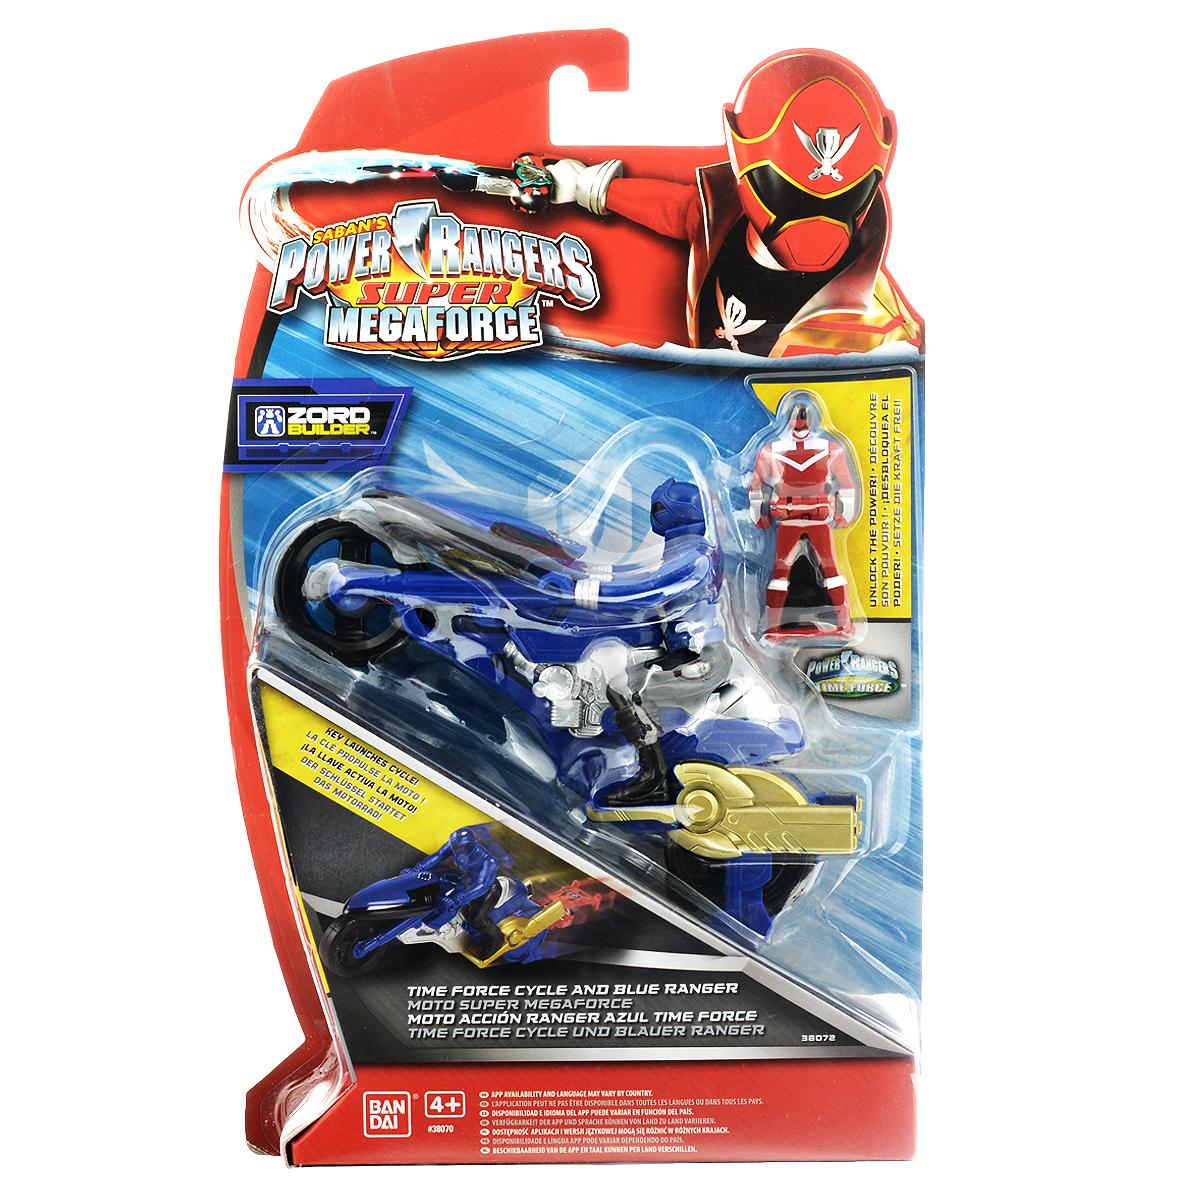 """Игрушка Power Rangers """"Мотоцикл с фигуркой"""" несомненно понравится вашему ребенку и не позволит ему скучать. В комплект входит мотоцикл с фигуркой рейнджера-мотоциклиста и ключ зажигания в виде маленькой фигурки могучего рейнджера. Мотоцикл оснащен инерционным механизмом. Для того, чтобы запустить мотоцикл, отведите его назад, вставьте ключ зажигания в специальное отверстие сзади, и отпустите его - и мотоцикл быстро поедет вперед. Соберите всех рейнджеров-мотоциклистов, и вы сможете соединить их, создав огромного боевого робота Zoid! Ваш ребенок часами будет играть с такой игрушкой, придумывая различные истории и устраивая соревнования. Порадуйте его таким замечательным подарком!"""